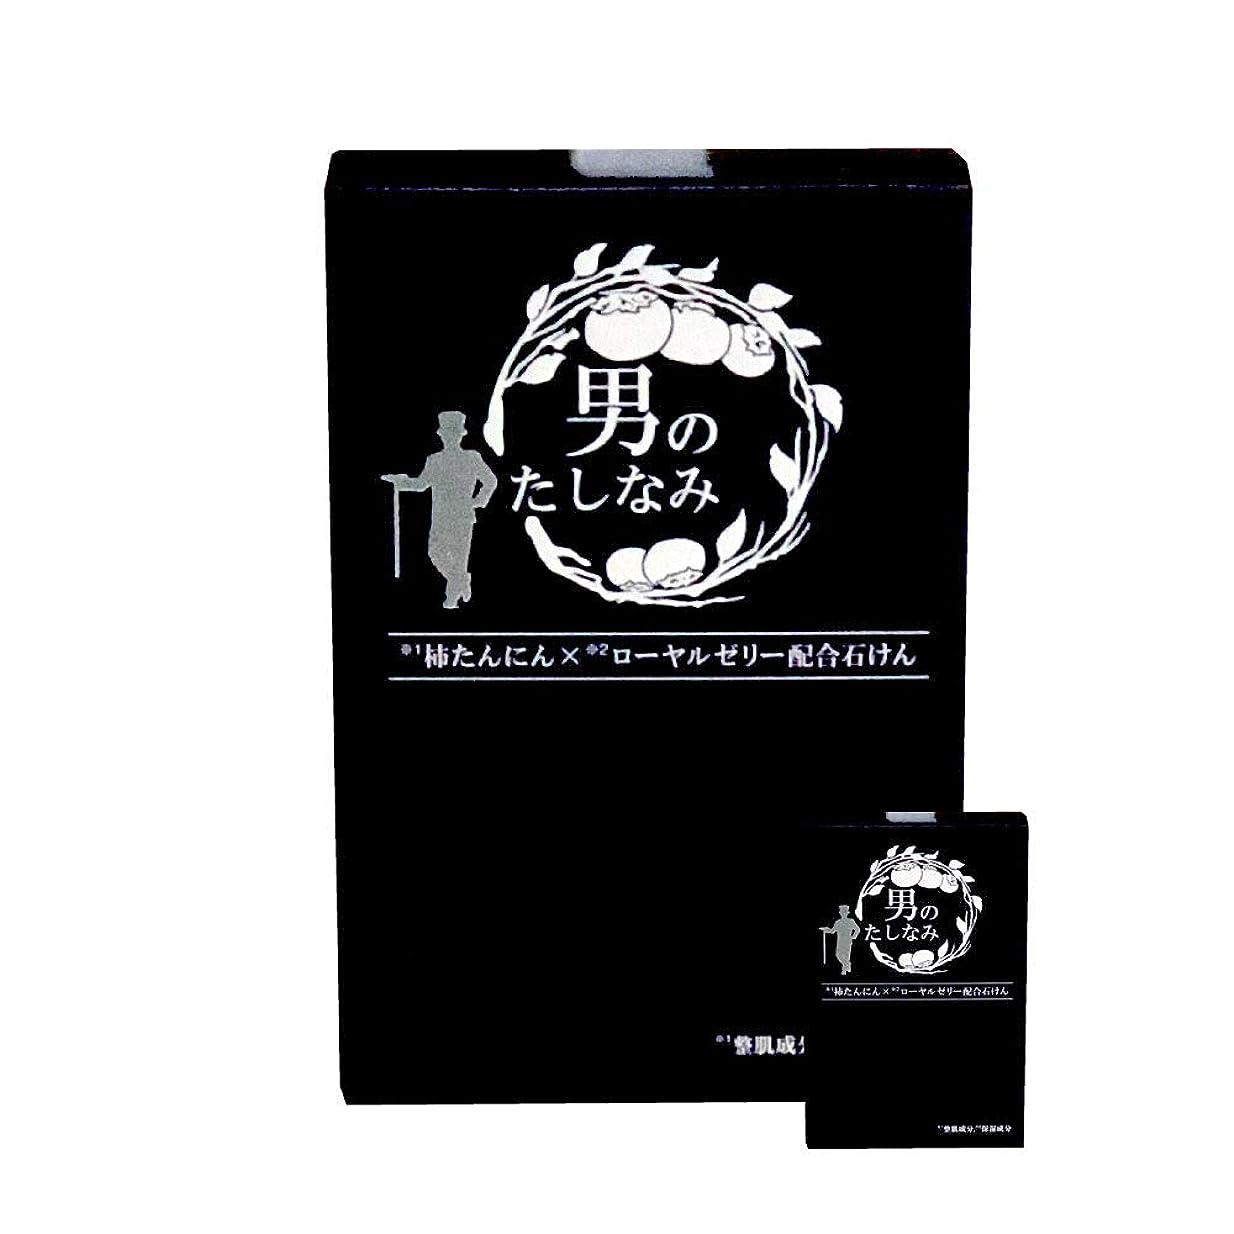 段落木非アクティブ柿渋石鹸 男のたしなみ 100g (2個セット)